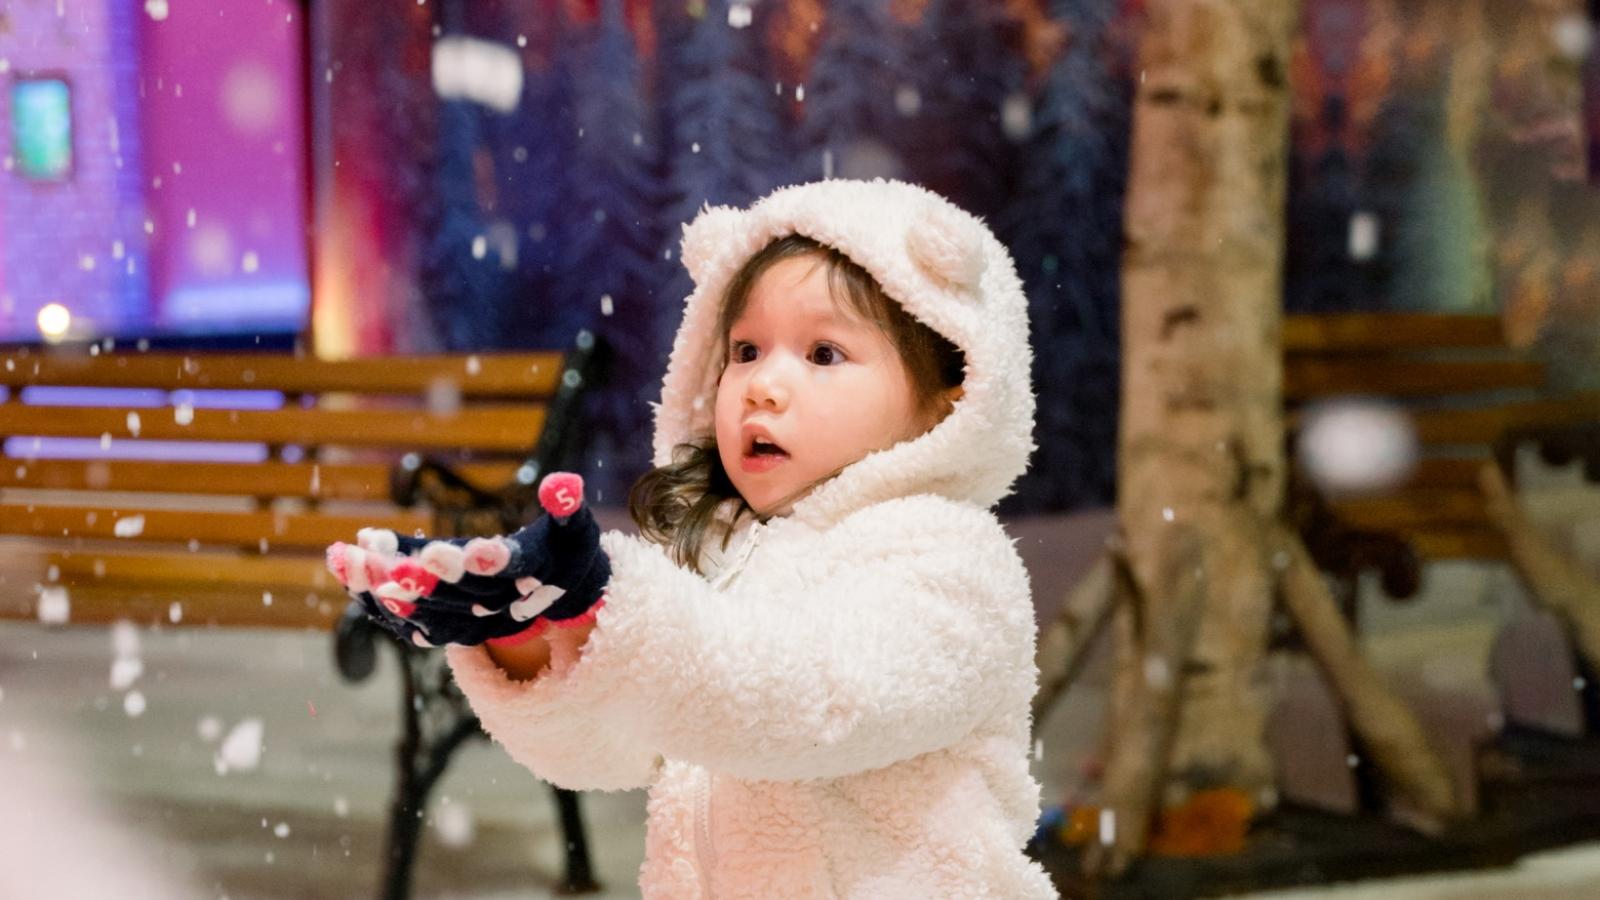 Con gái siêu mẫu Hà Anh siêu đáng yêu khi lần đầu chơi với tuyết